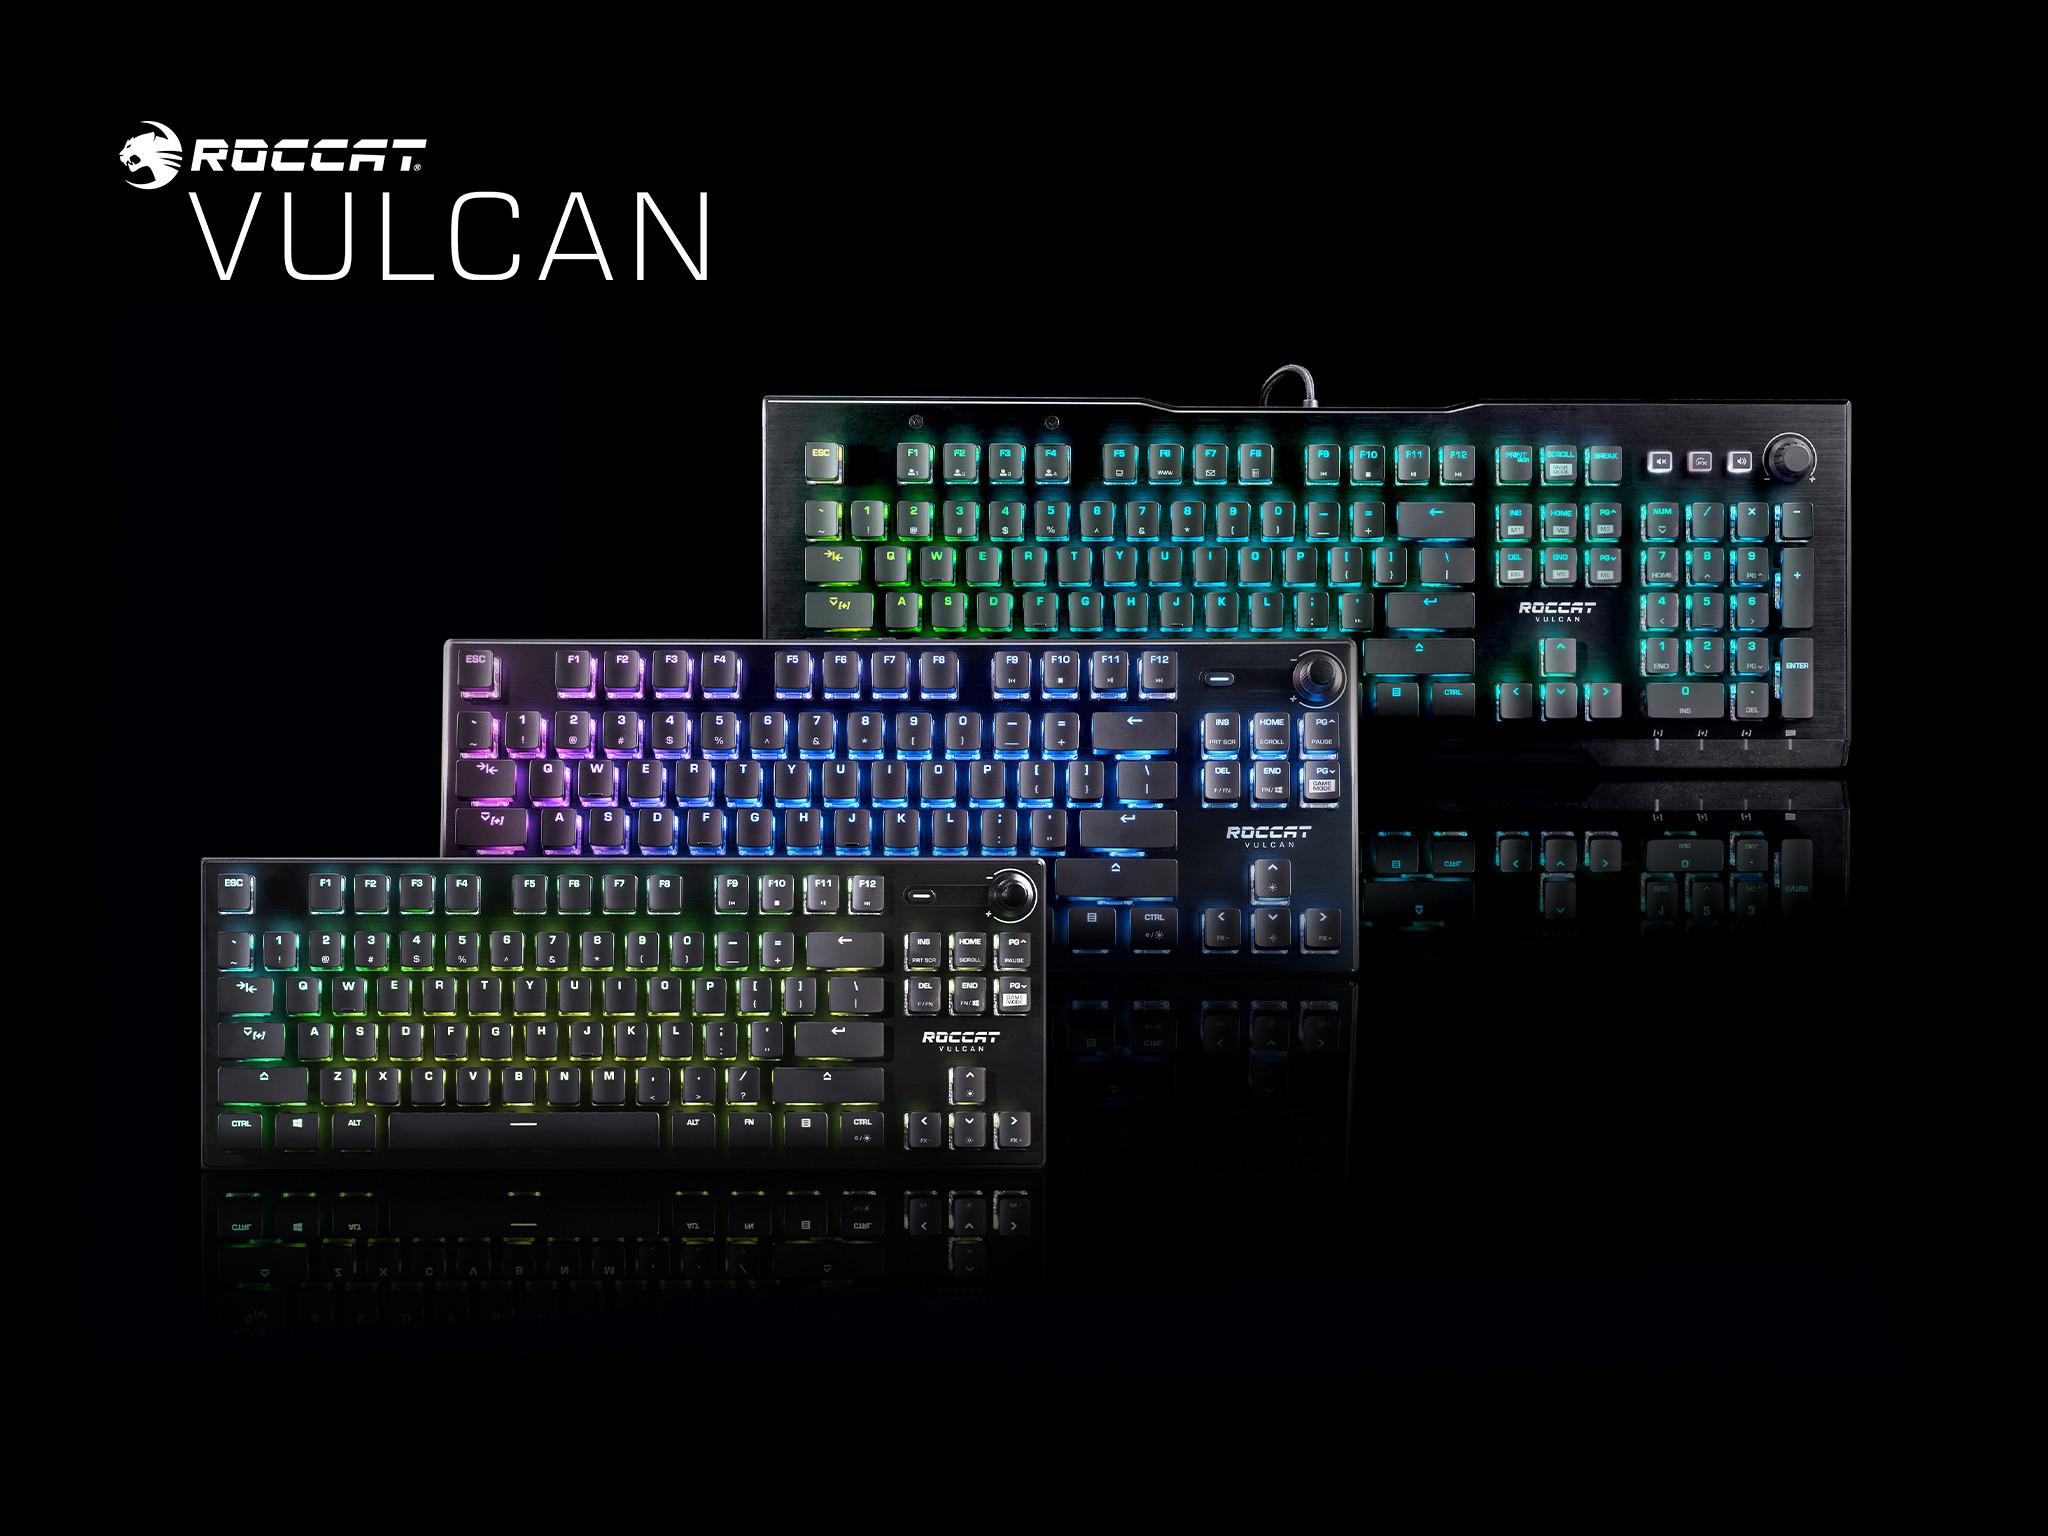 Vulcan keyboards image